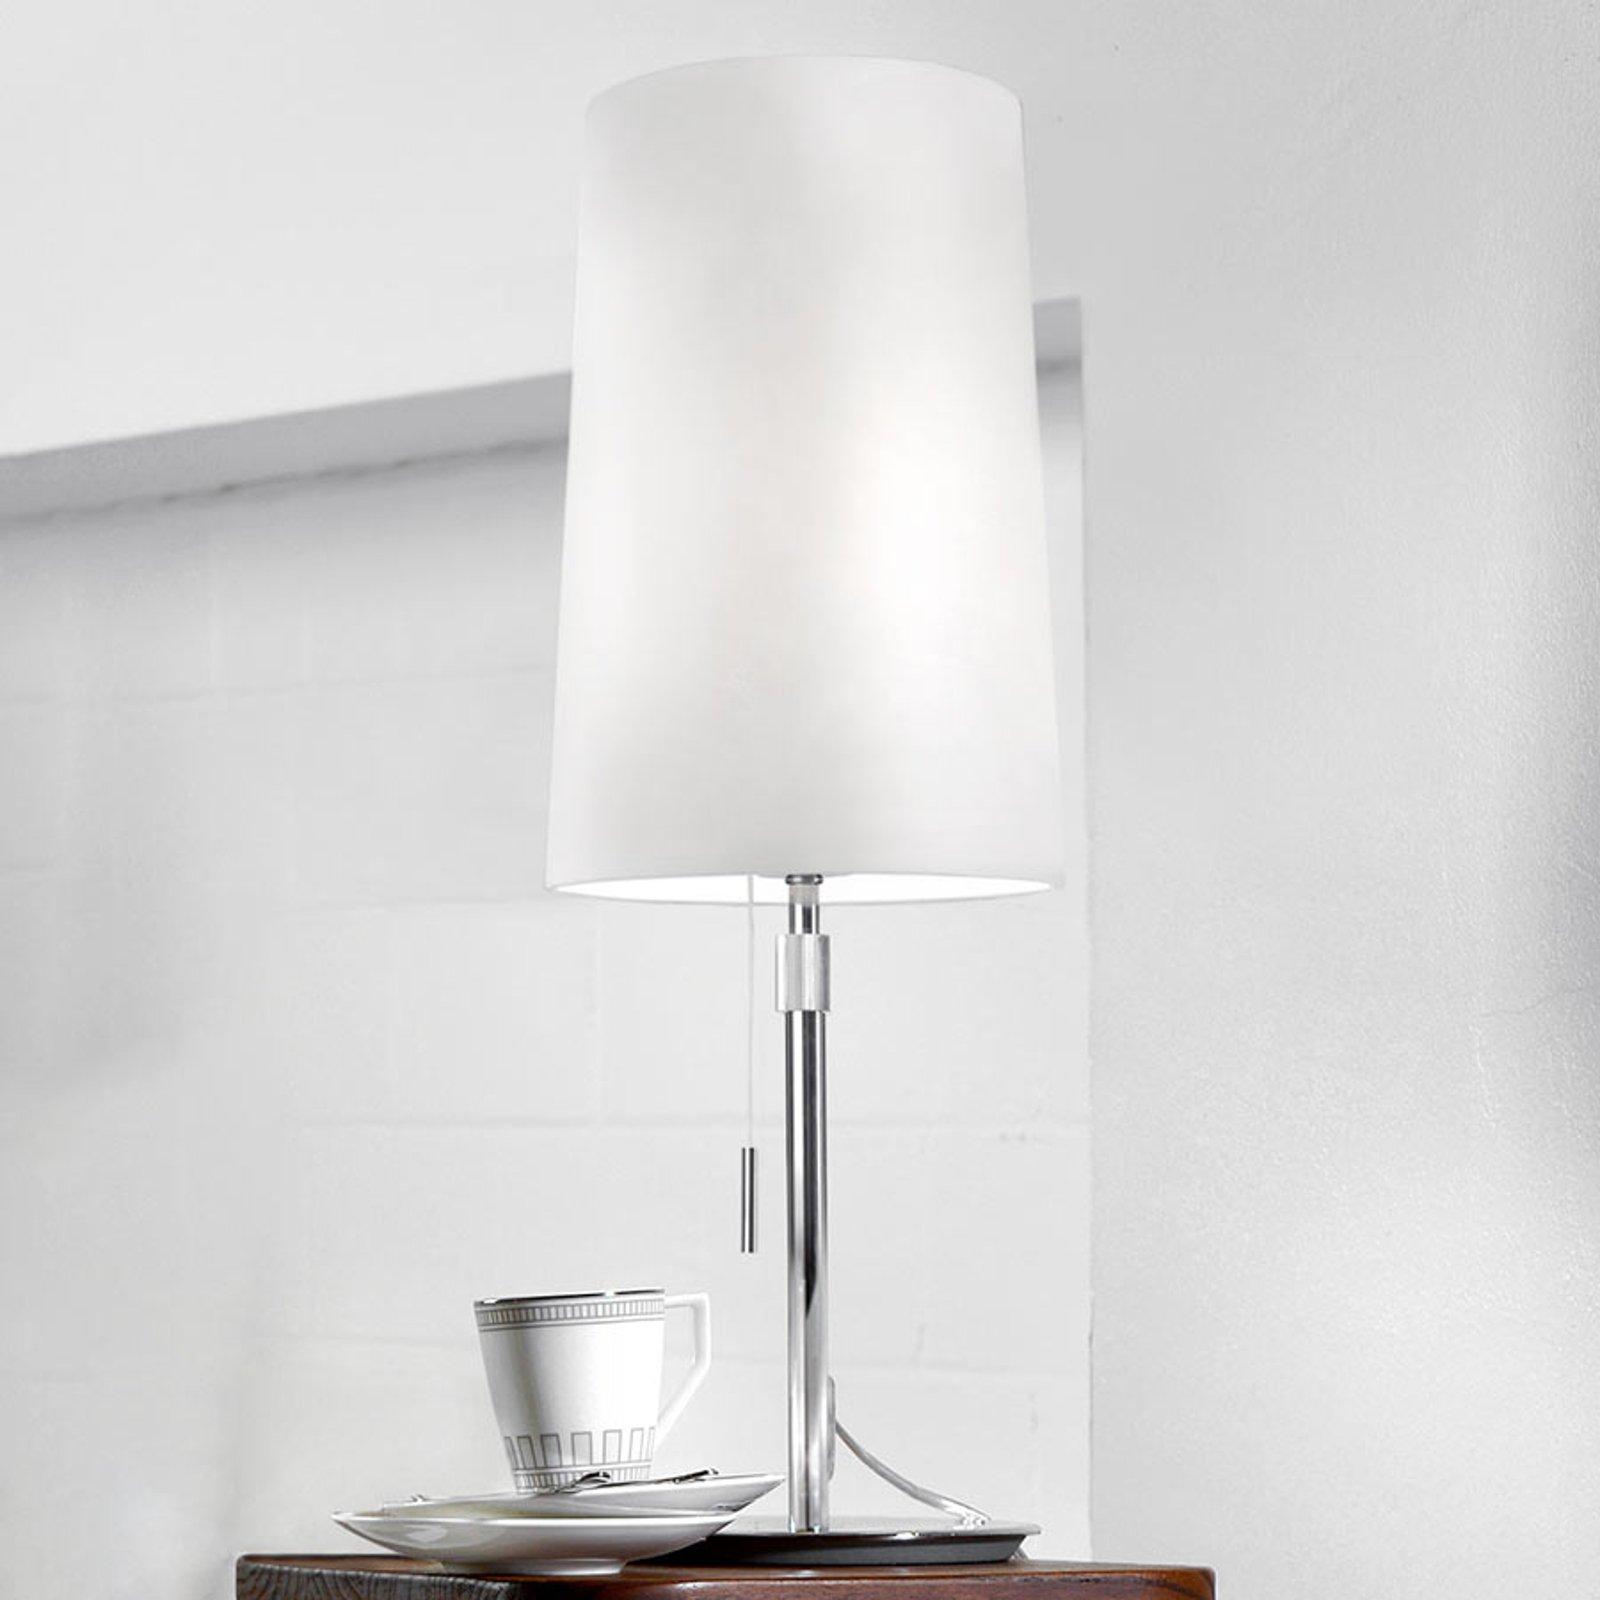 Villeroy & Boch Verona tekstil-bordlampe i hvit